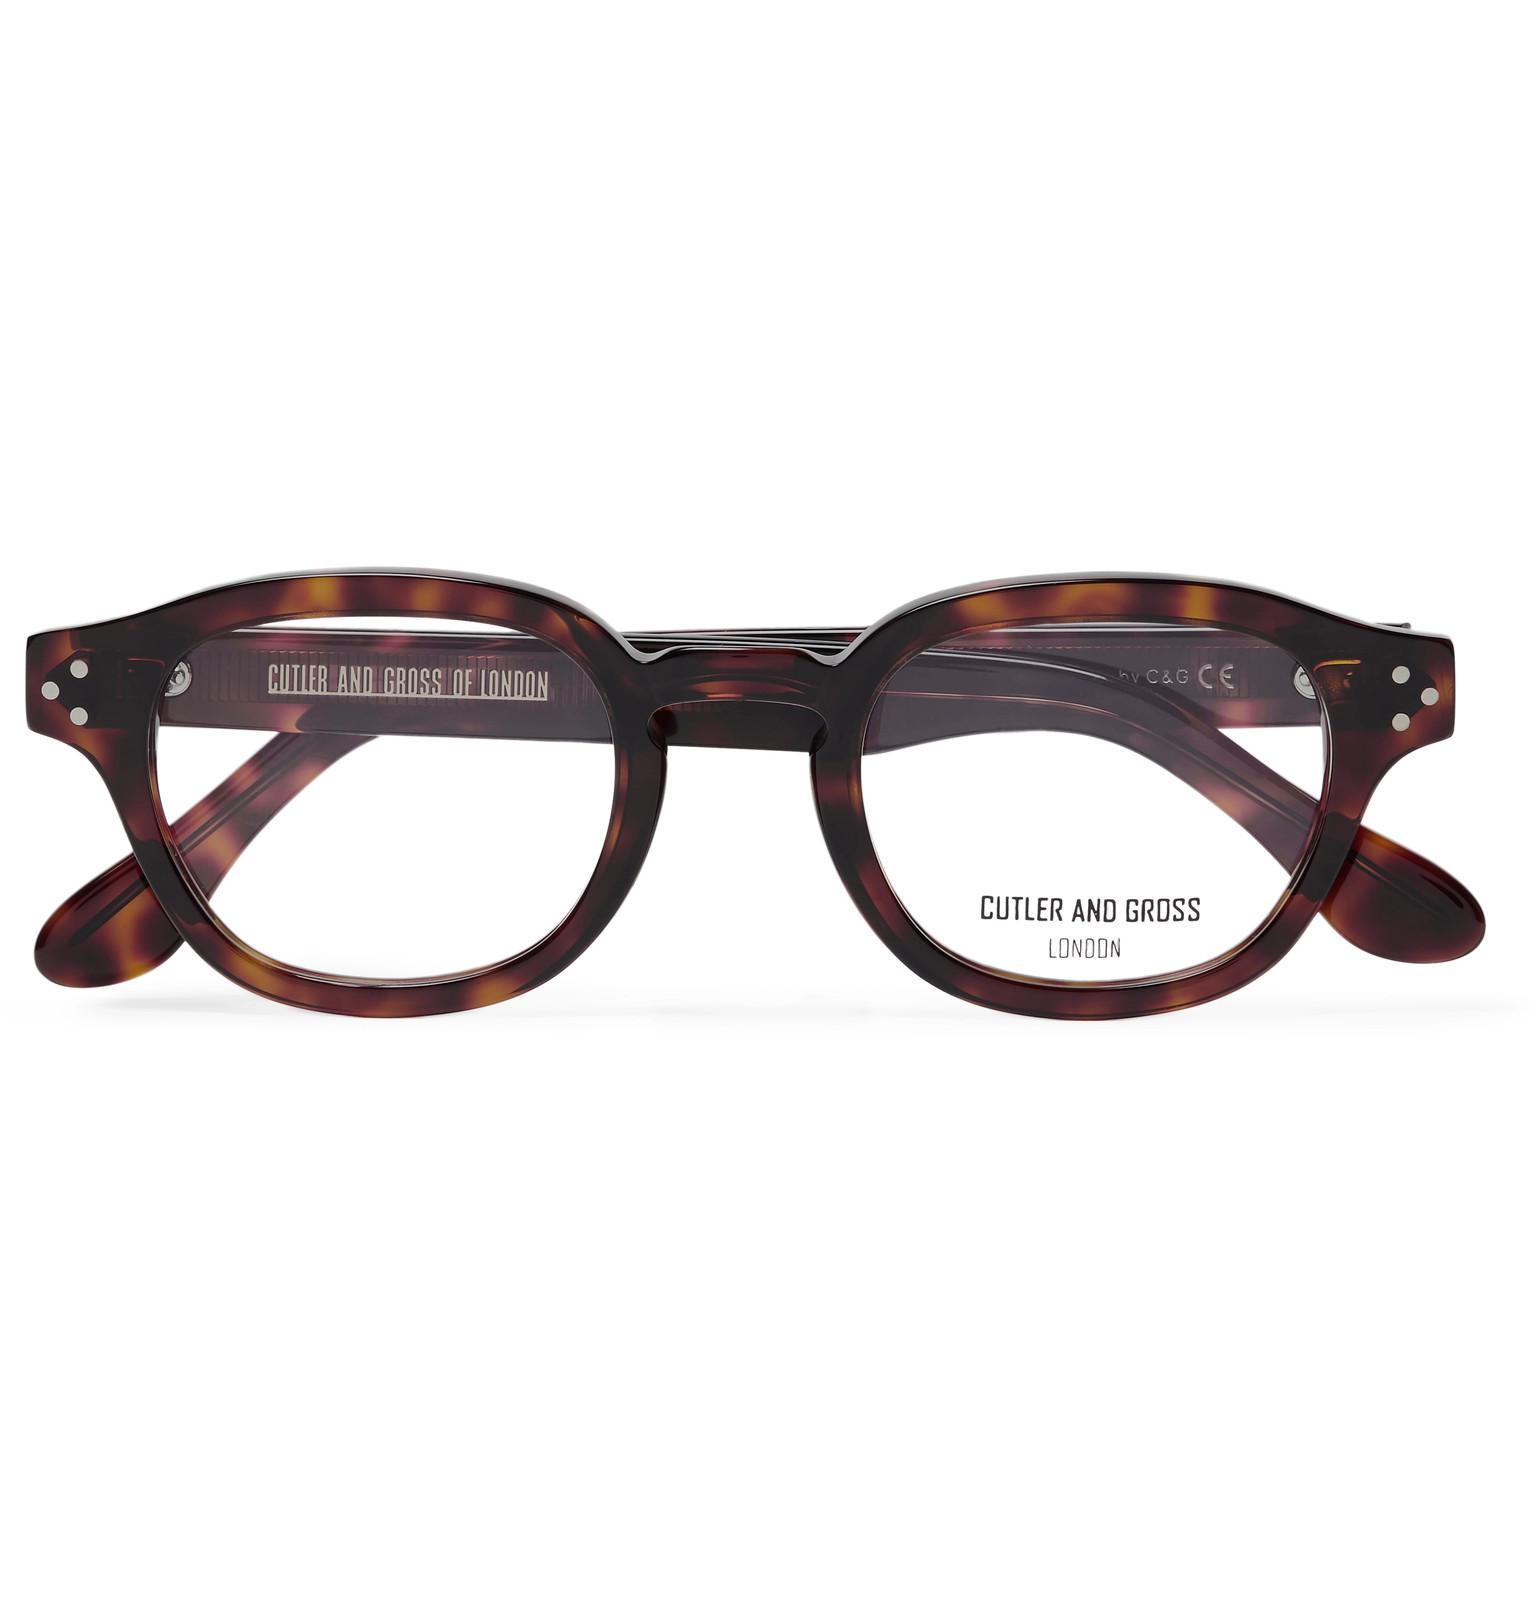 15ec4fb11 Cutler & Gross. Men's Brown Round-frame Tortoiseshell Acetate Optical  Glasses